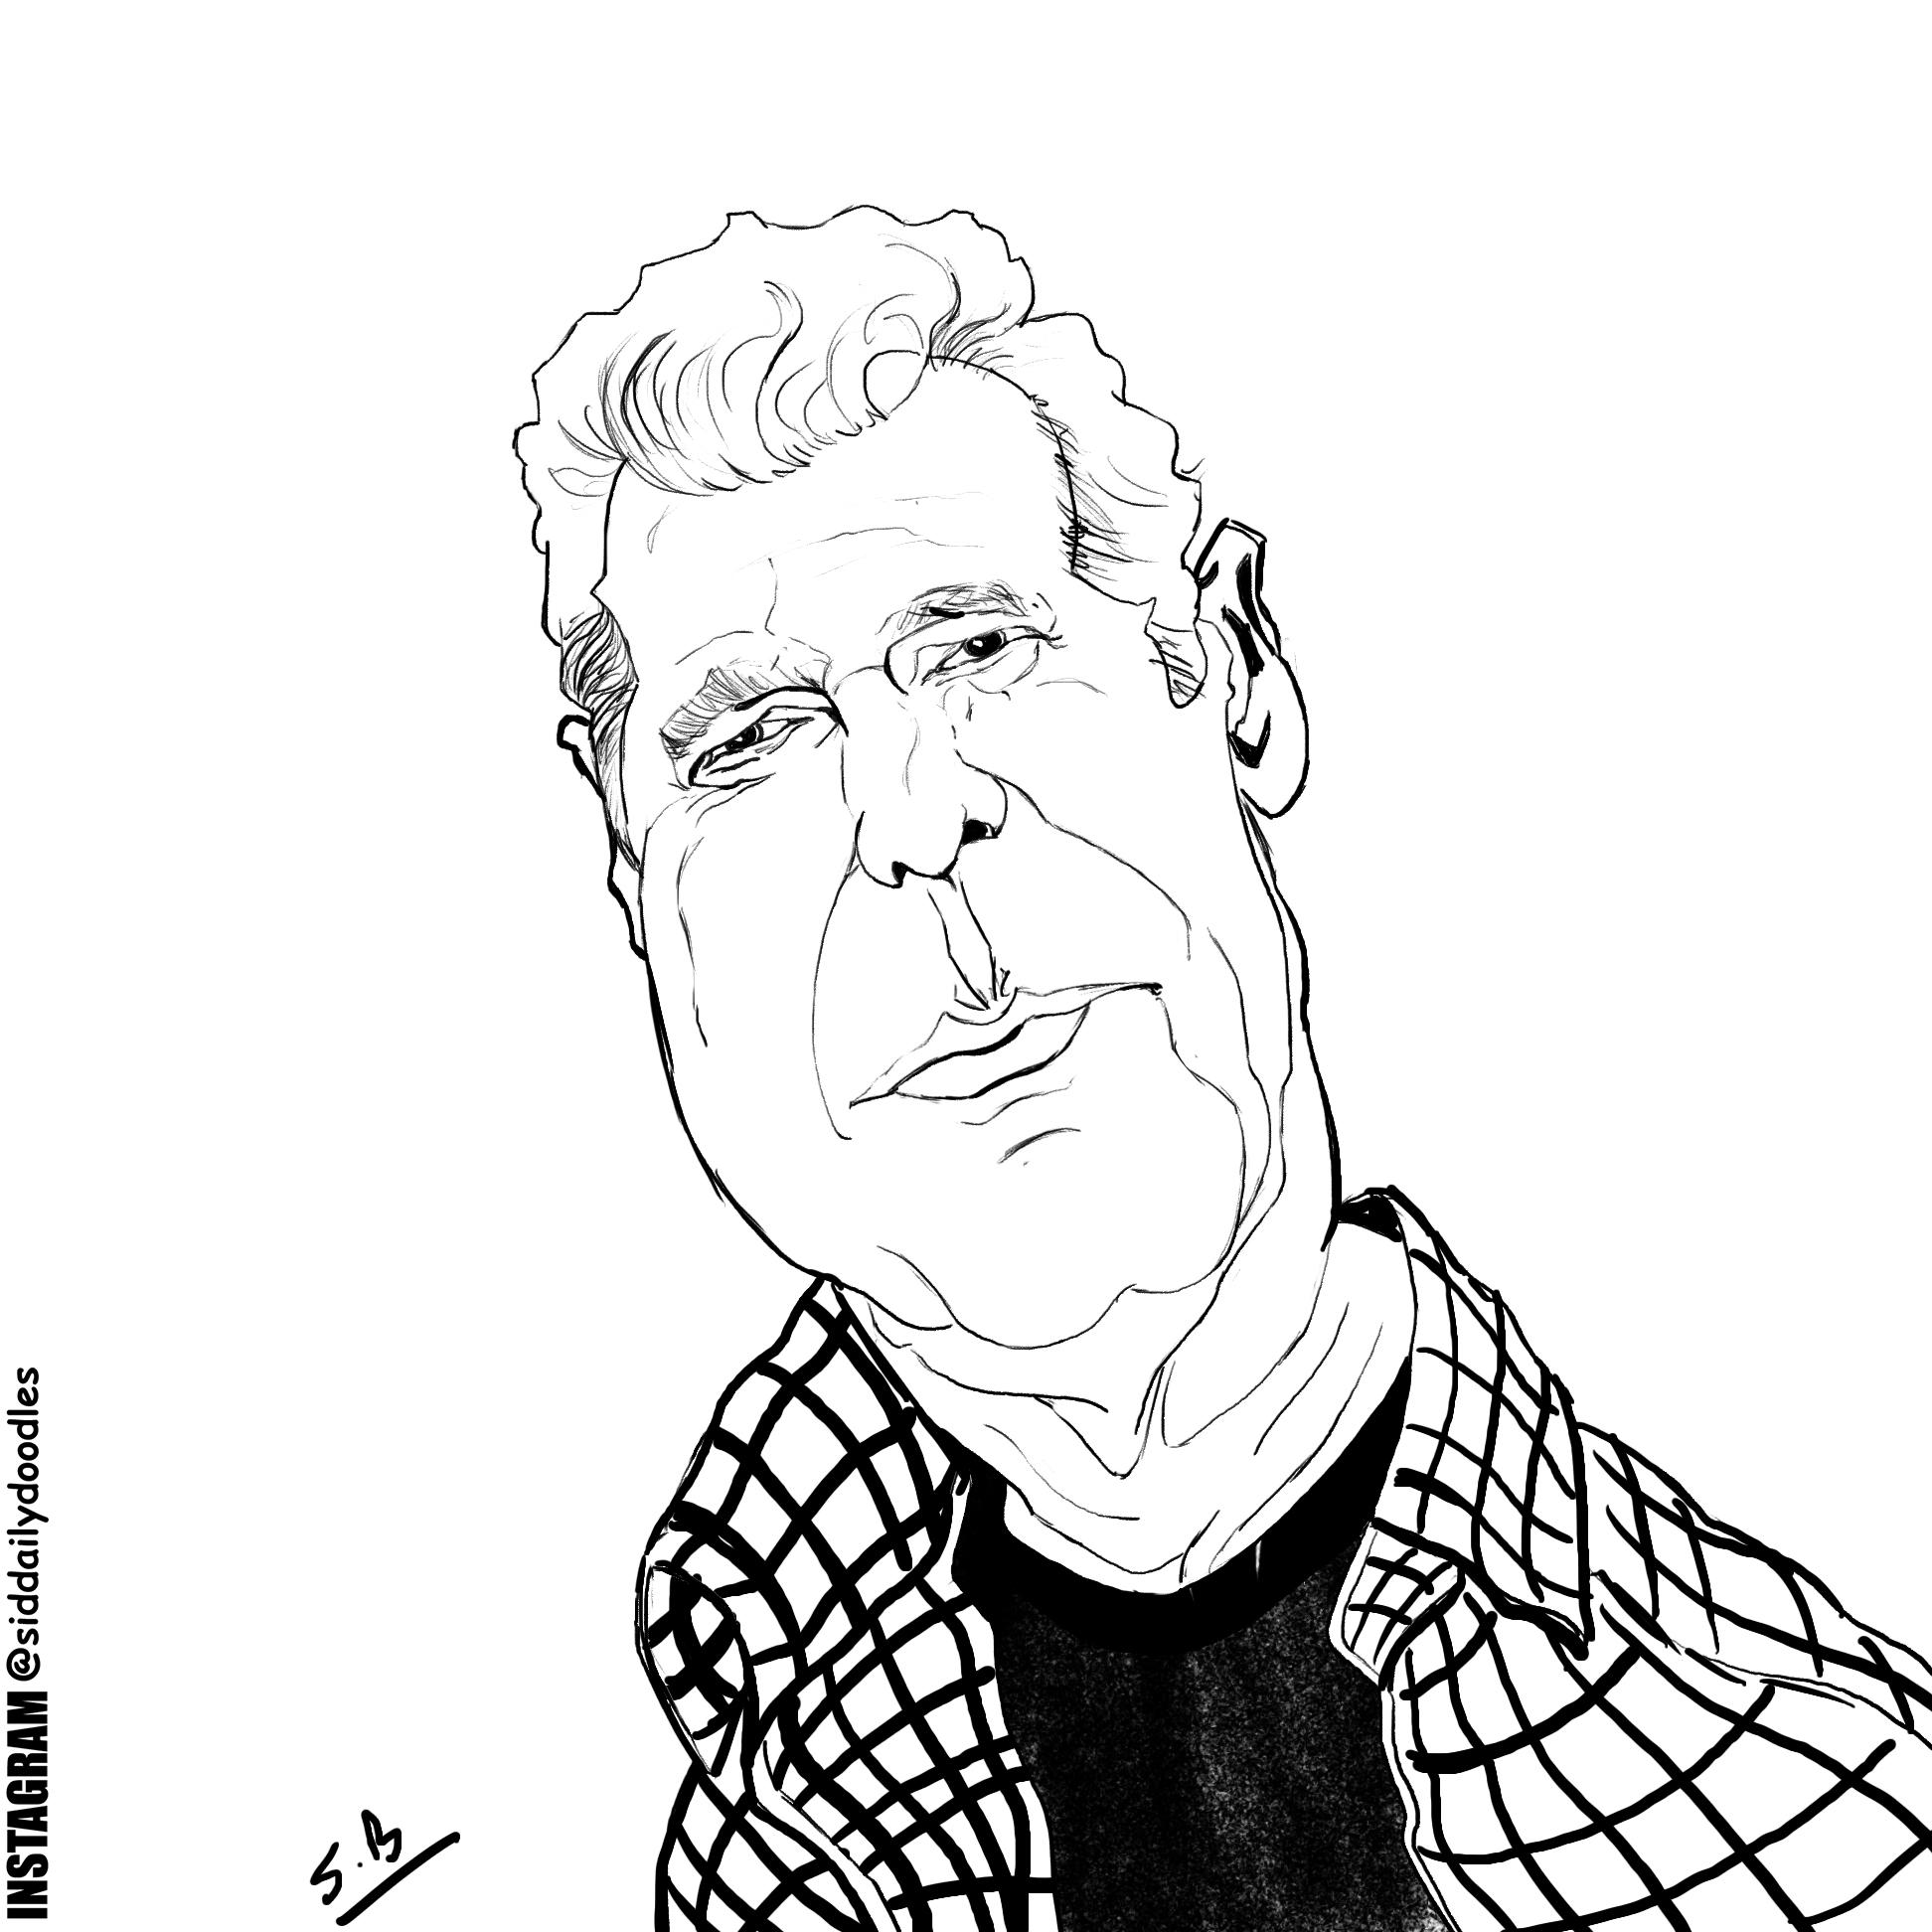 R.I.P Glenn Frey